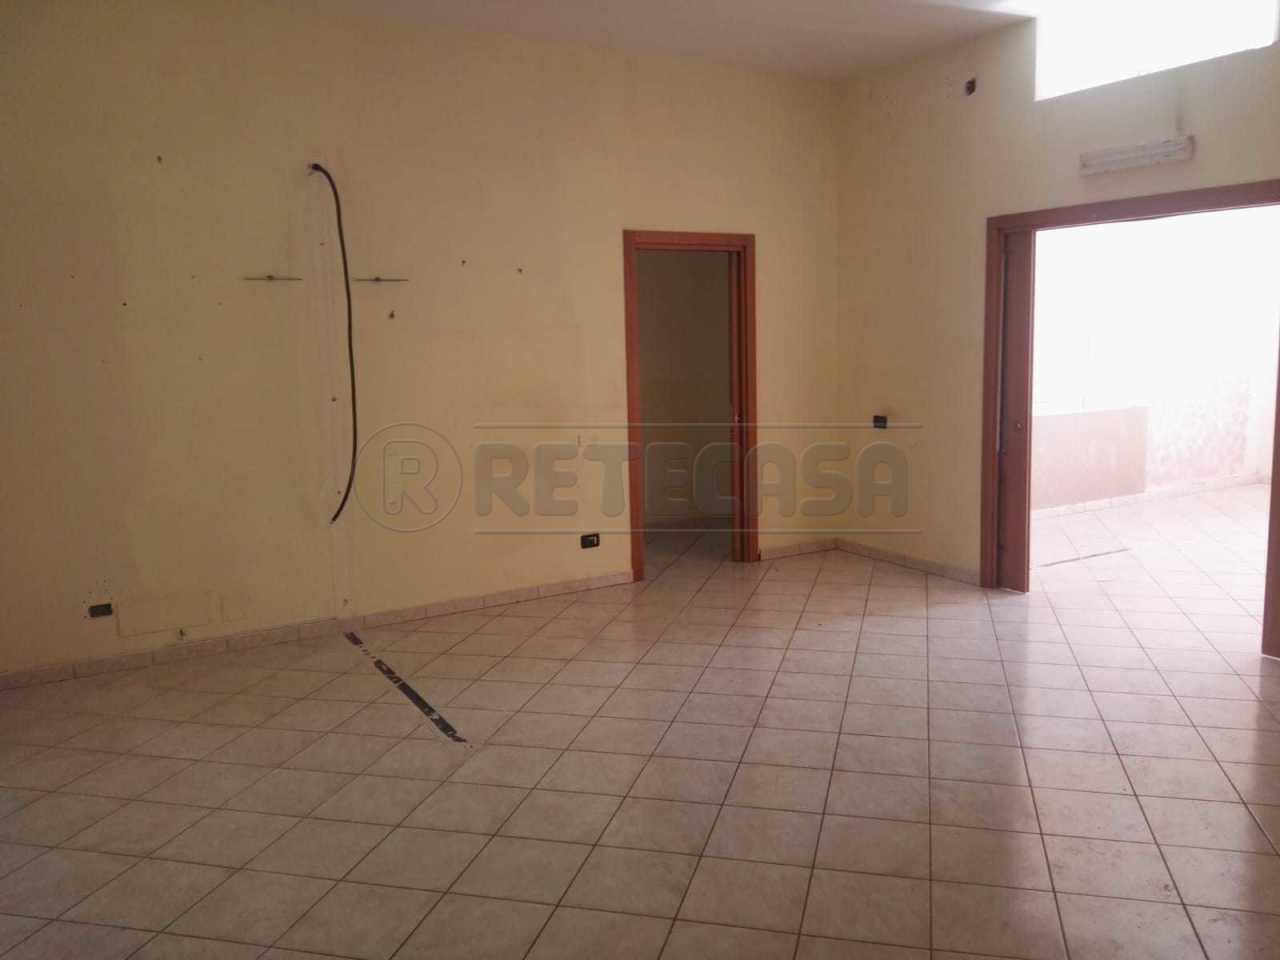 Direzionale - Ufficio a S. Angelo, Mercato San Severino Rif. 8107013